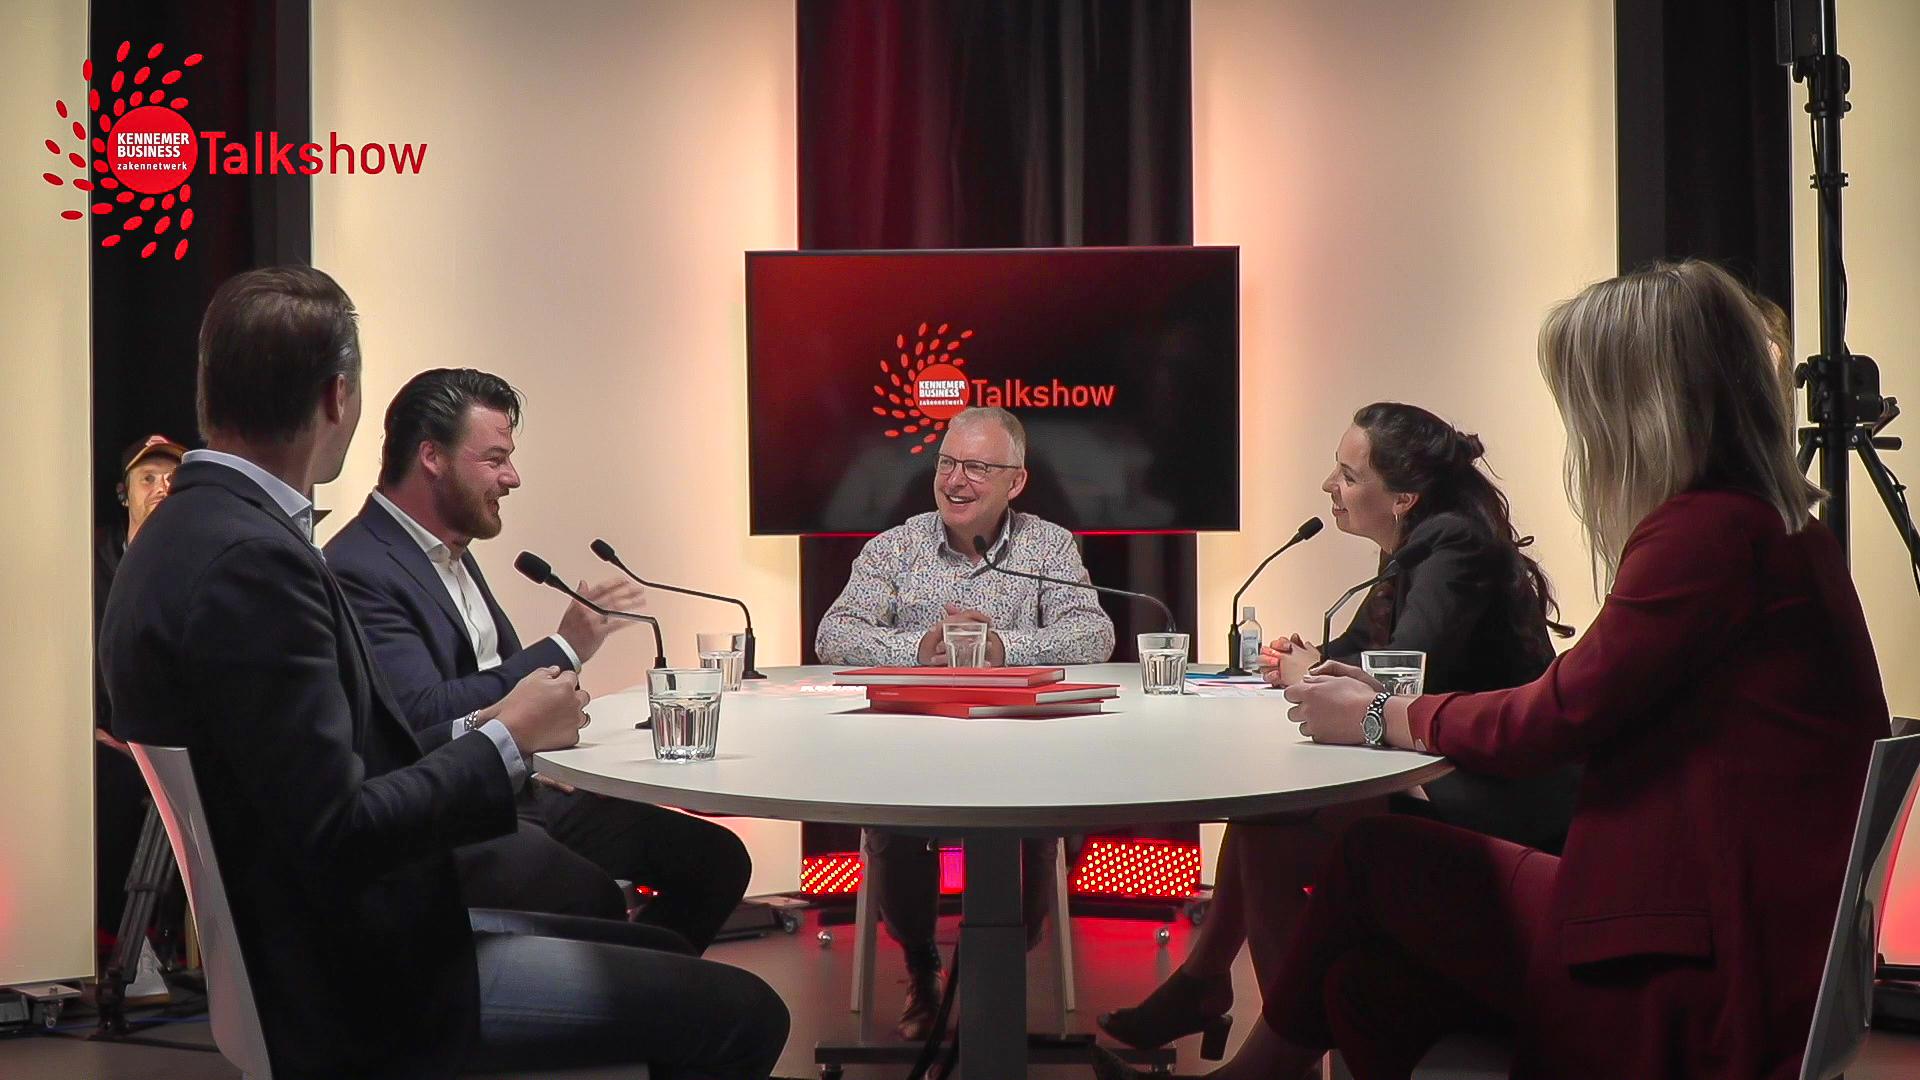 kennemer-business-talkshow-20-mei-2020-foto-drie-tafelgasten